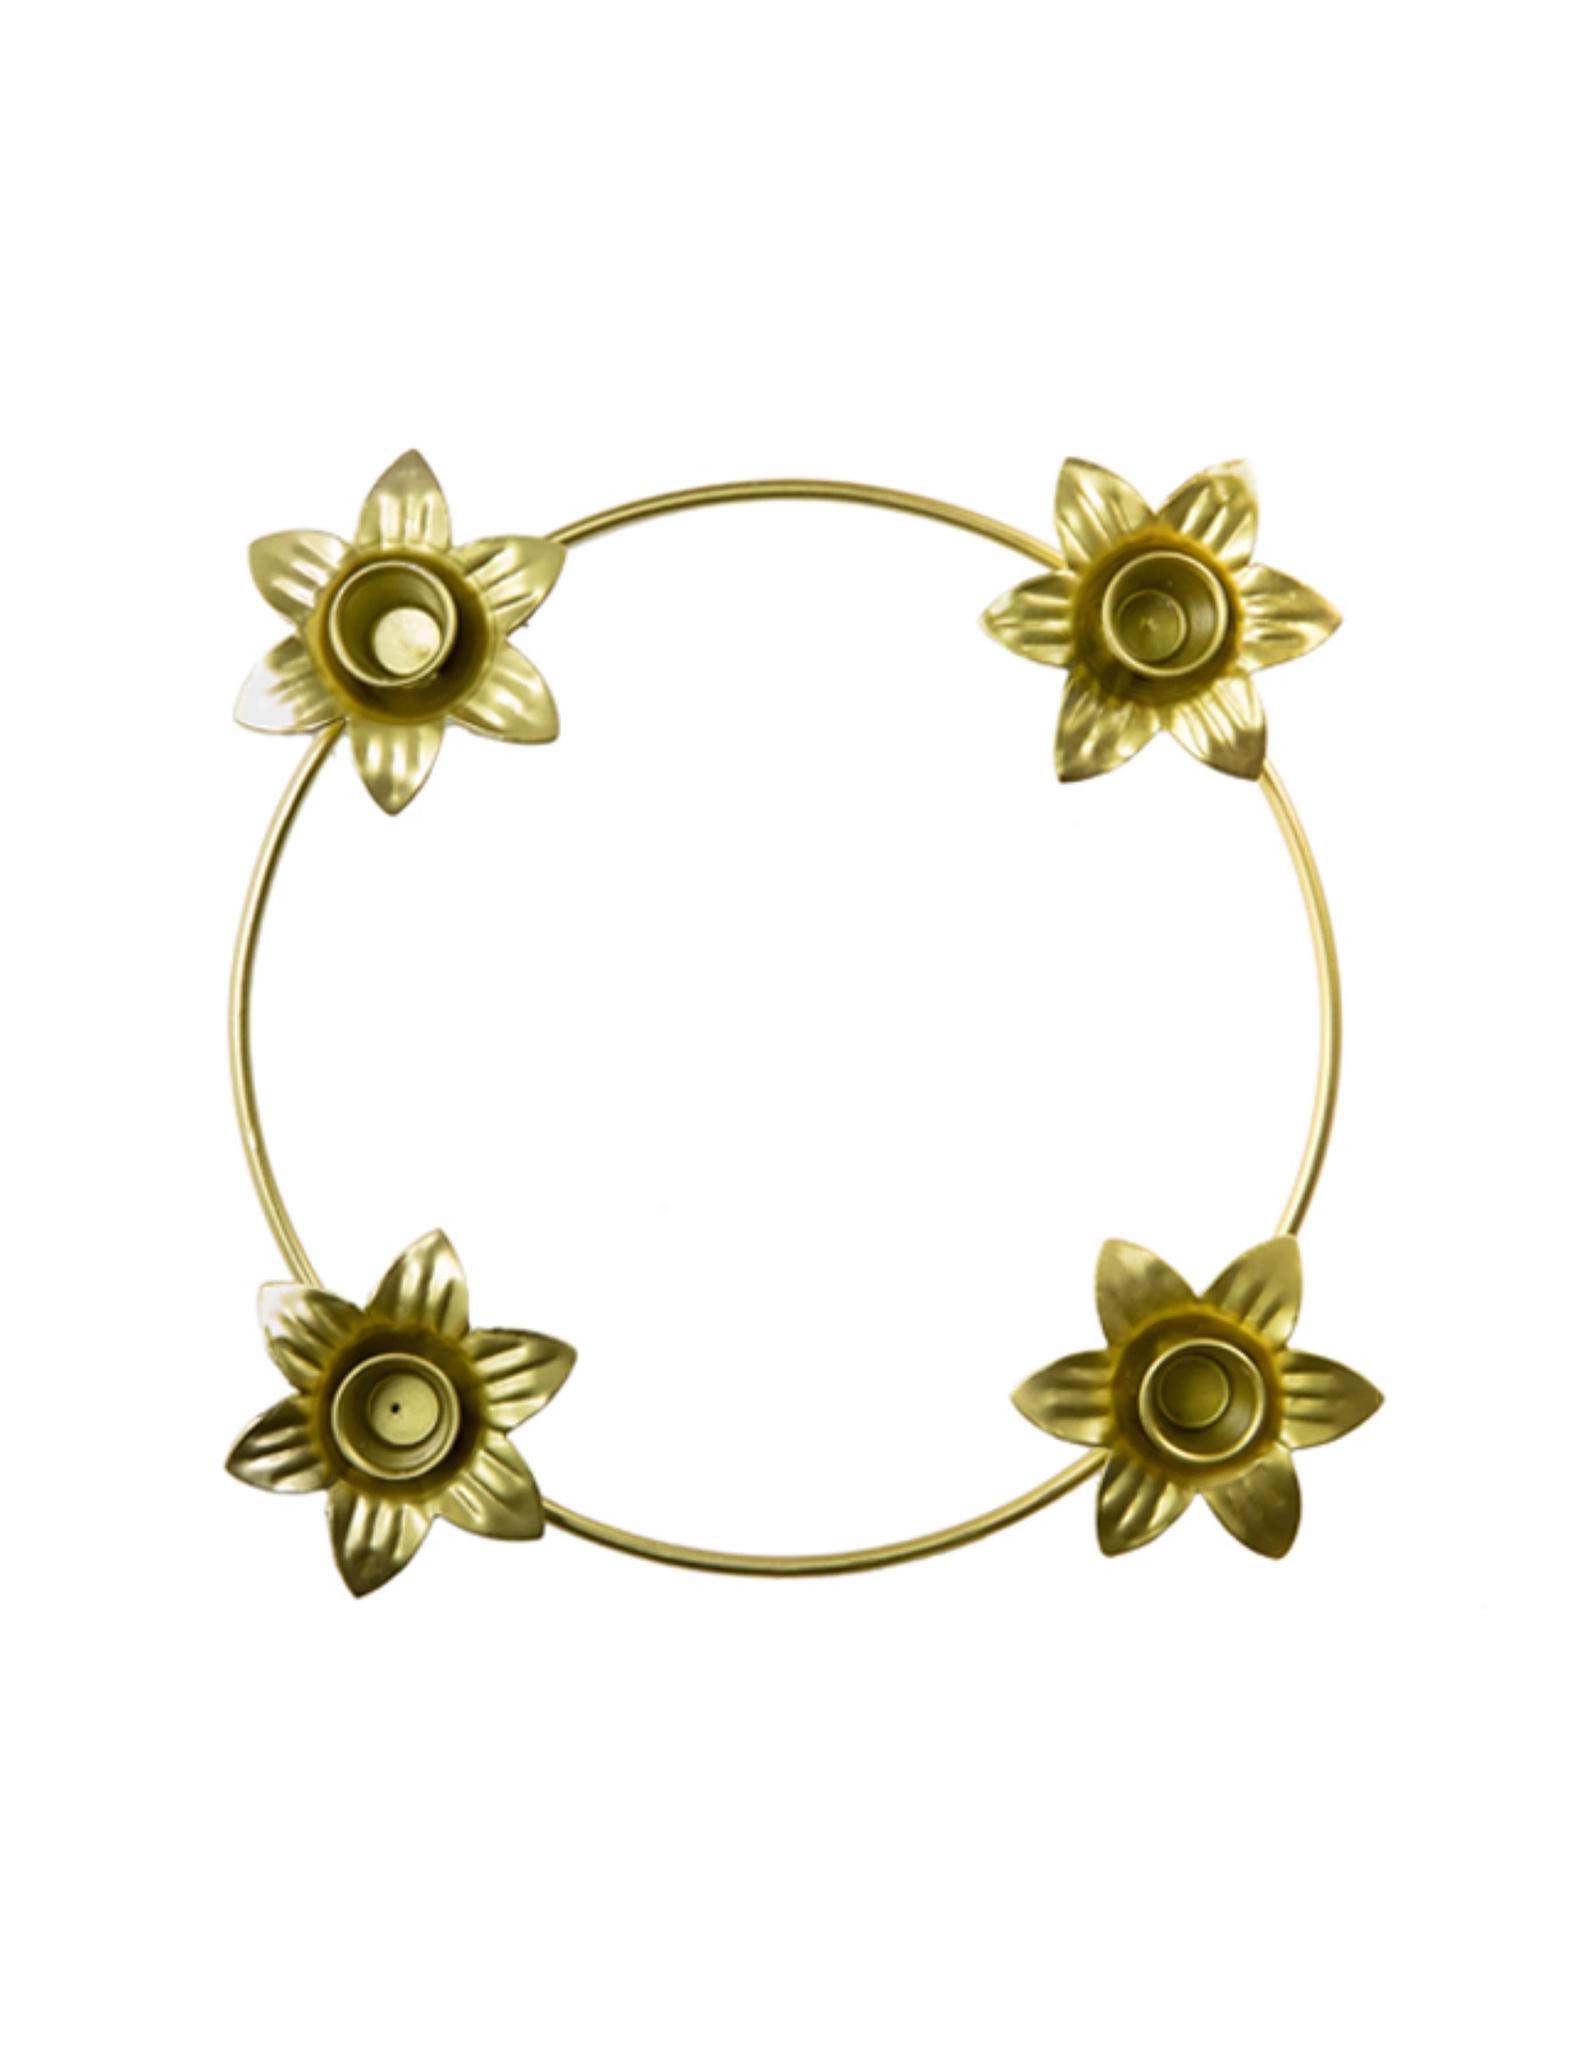 Prachtige gouden kandelaar 'Alice' van Rustik Lys